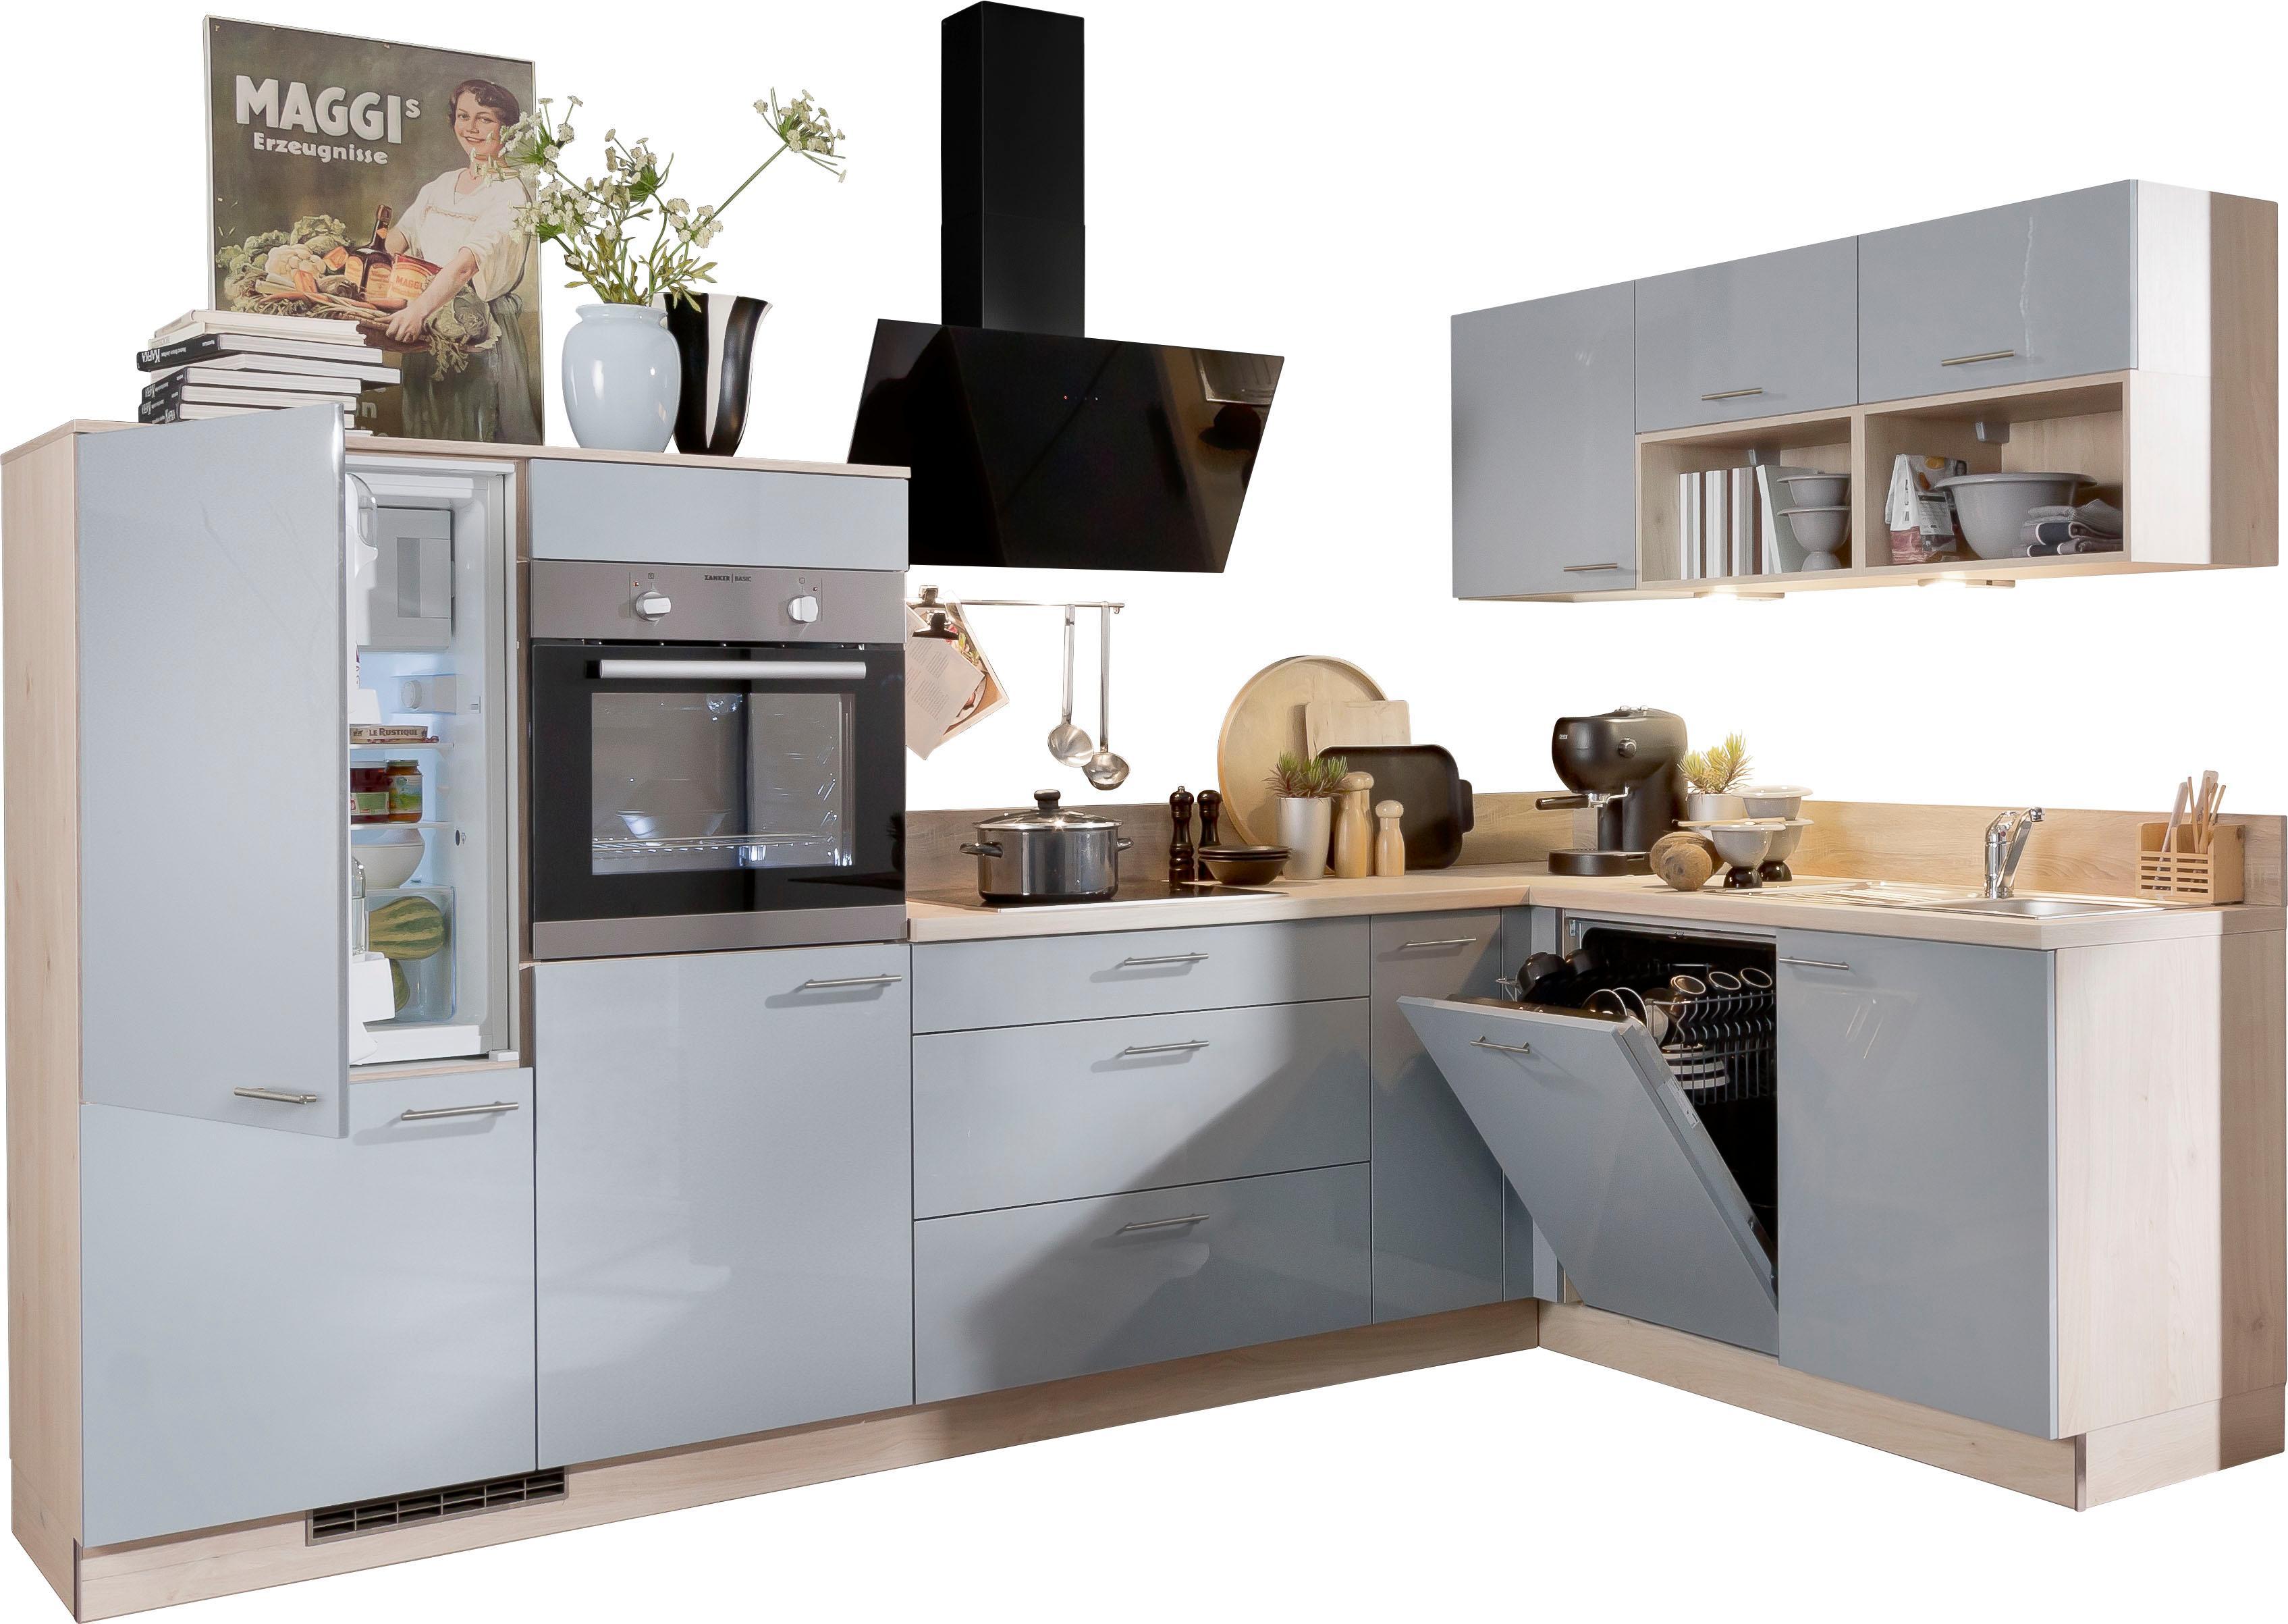 express k chen winkelk che scafa auf rechnung bestellen. Black Bedroom Furniture Sets. Home Design Ideas